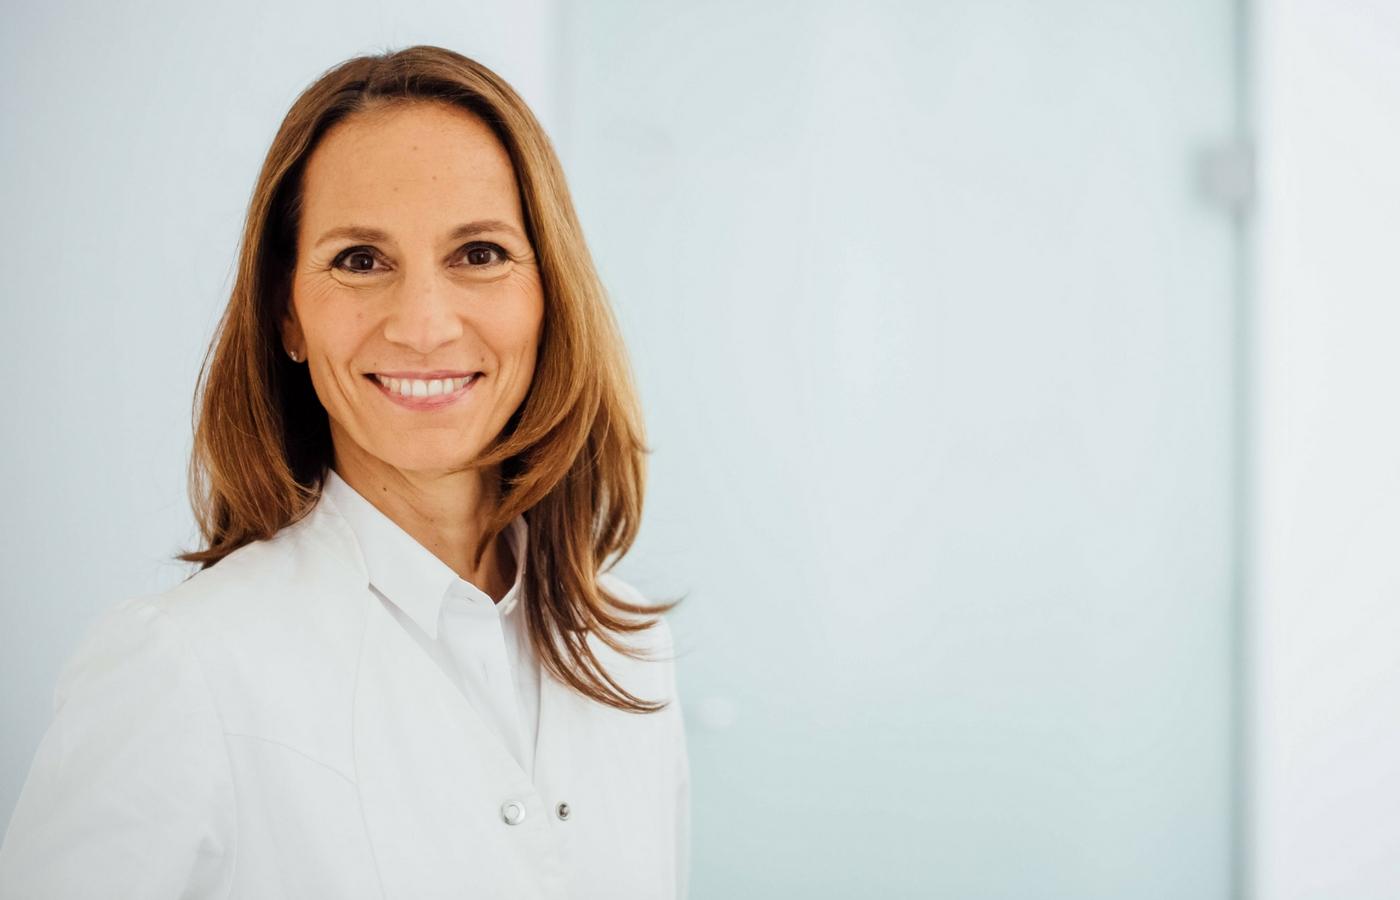 Dr. med. Inka Wiegratz zum Thema Kinderwunsch